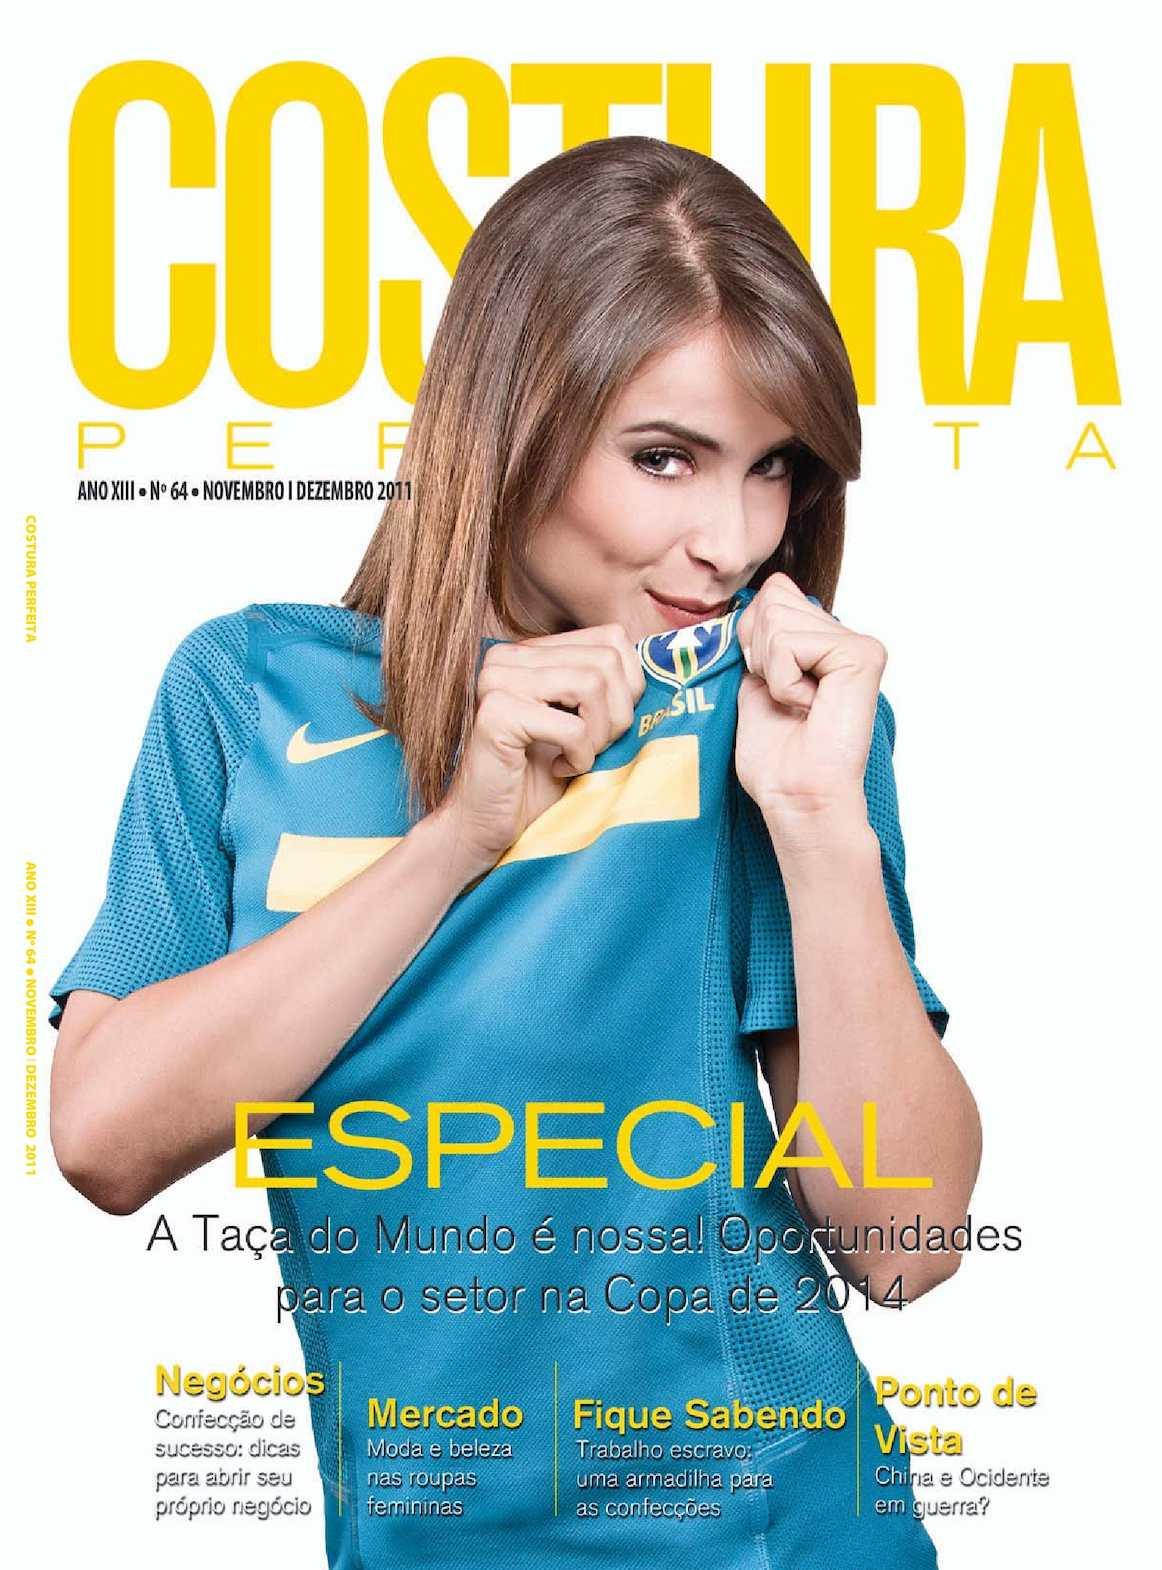 Calaméo - Revista Costura Perfeita Edição Ano XIII - N64 -  Novembro-Dezembro 2011 e9b3ad8f81d